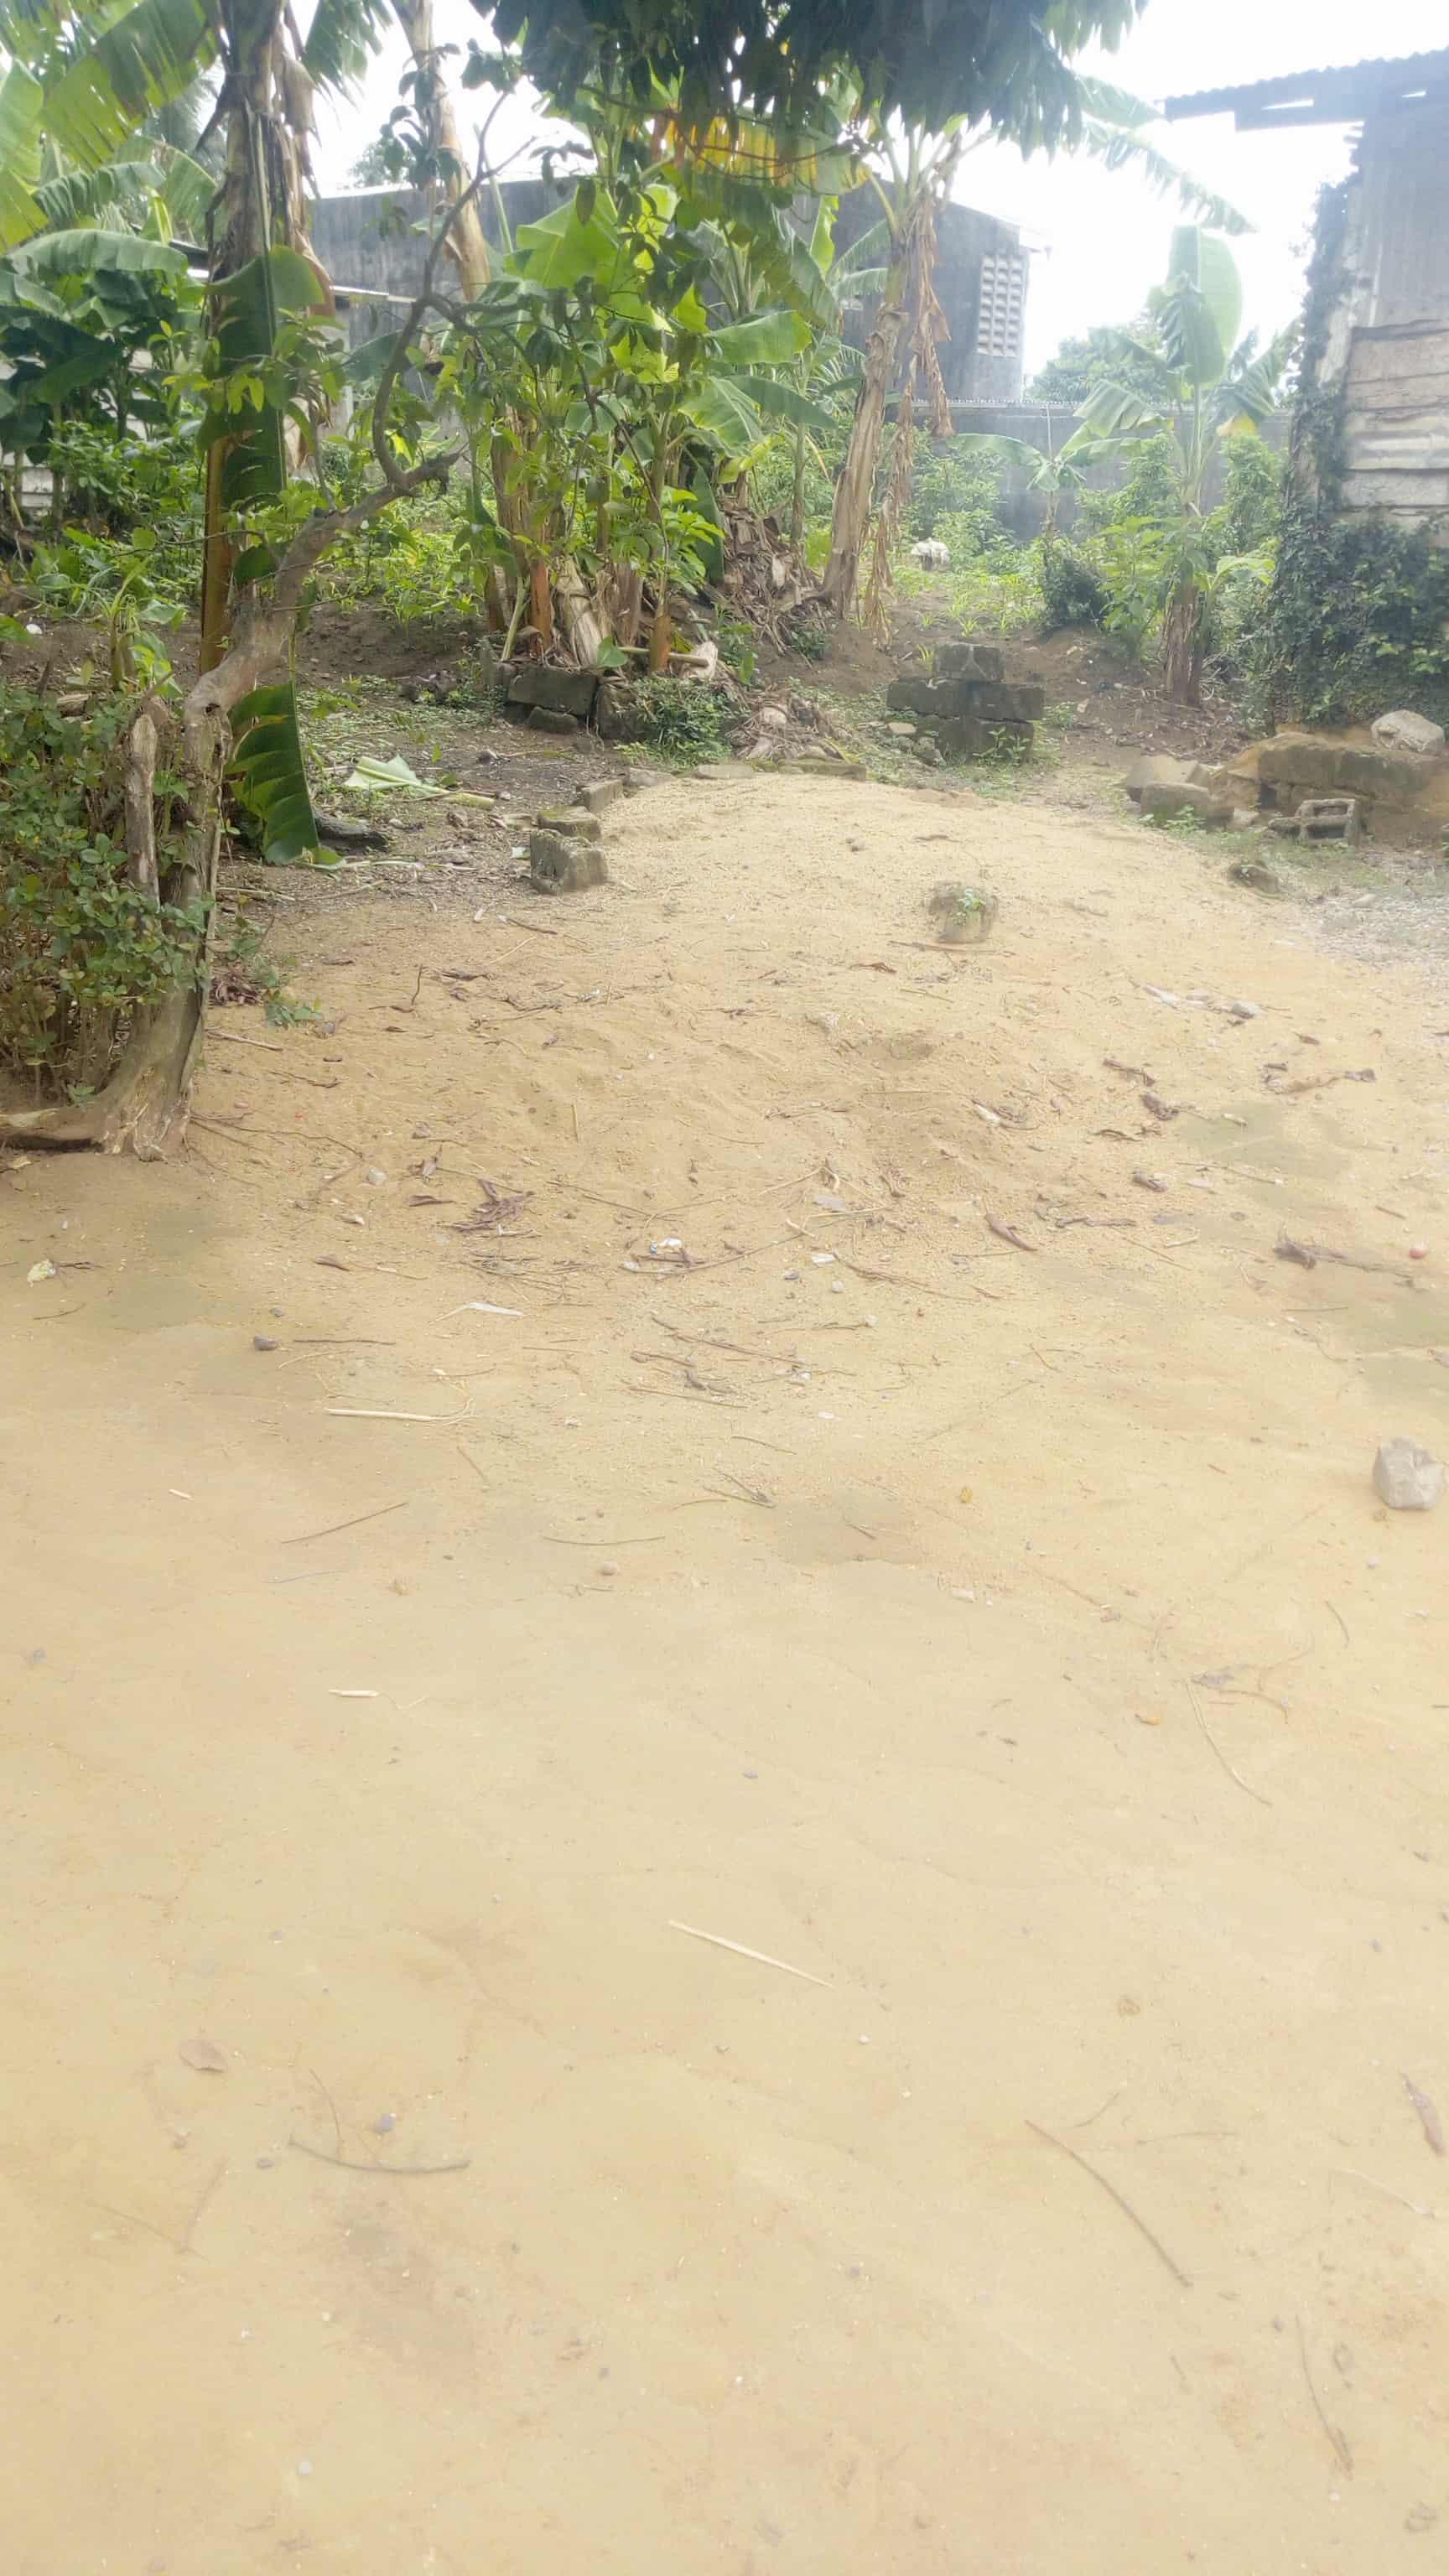 Land for sale at Douala, PK 19, Pk19 - 1000 m2 - 50 000 000 FCFA